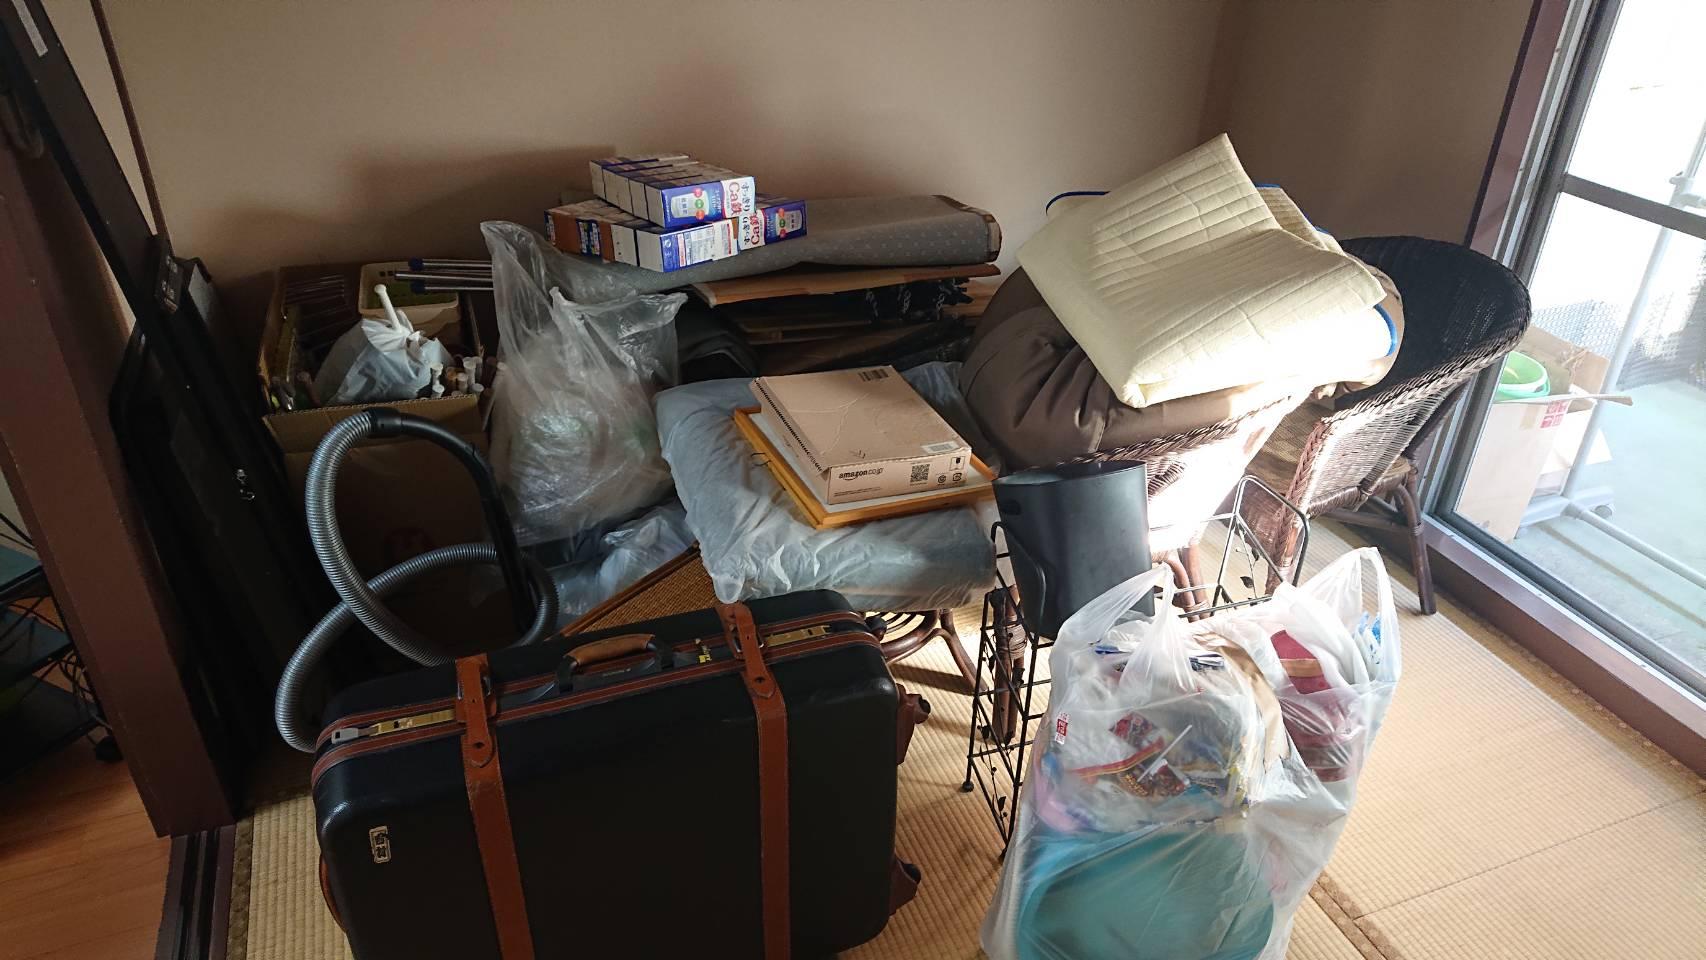 カバン、掃除機、椅子、毛布の回収前